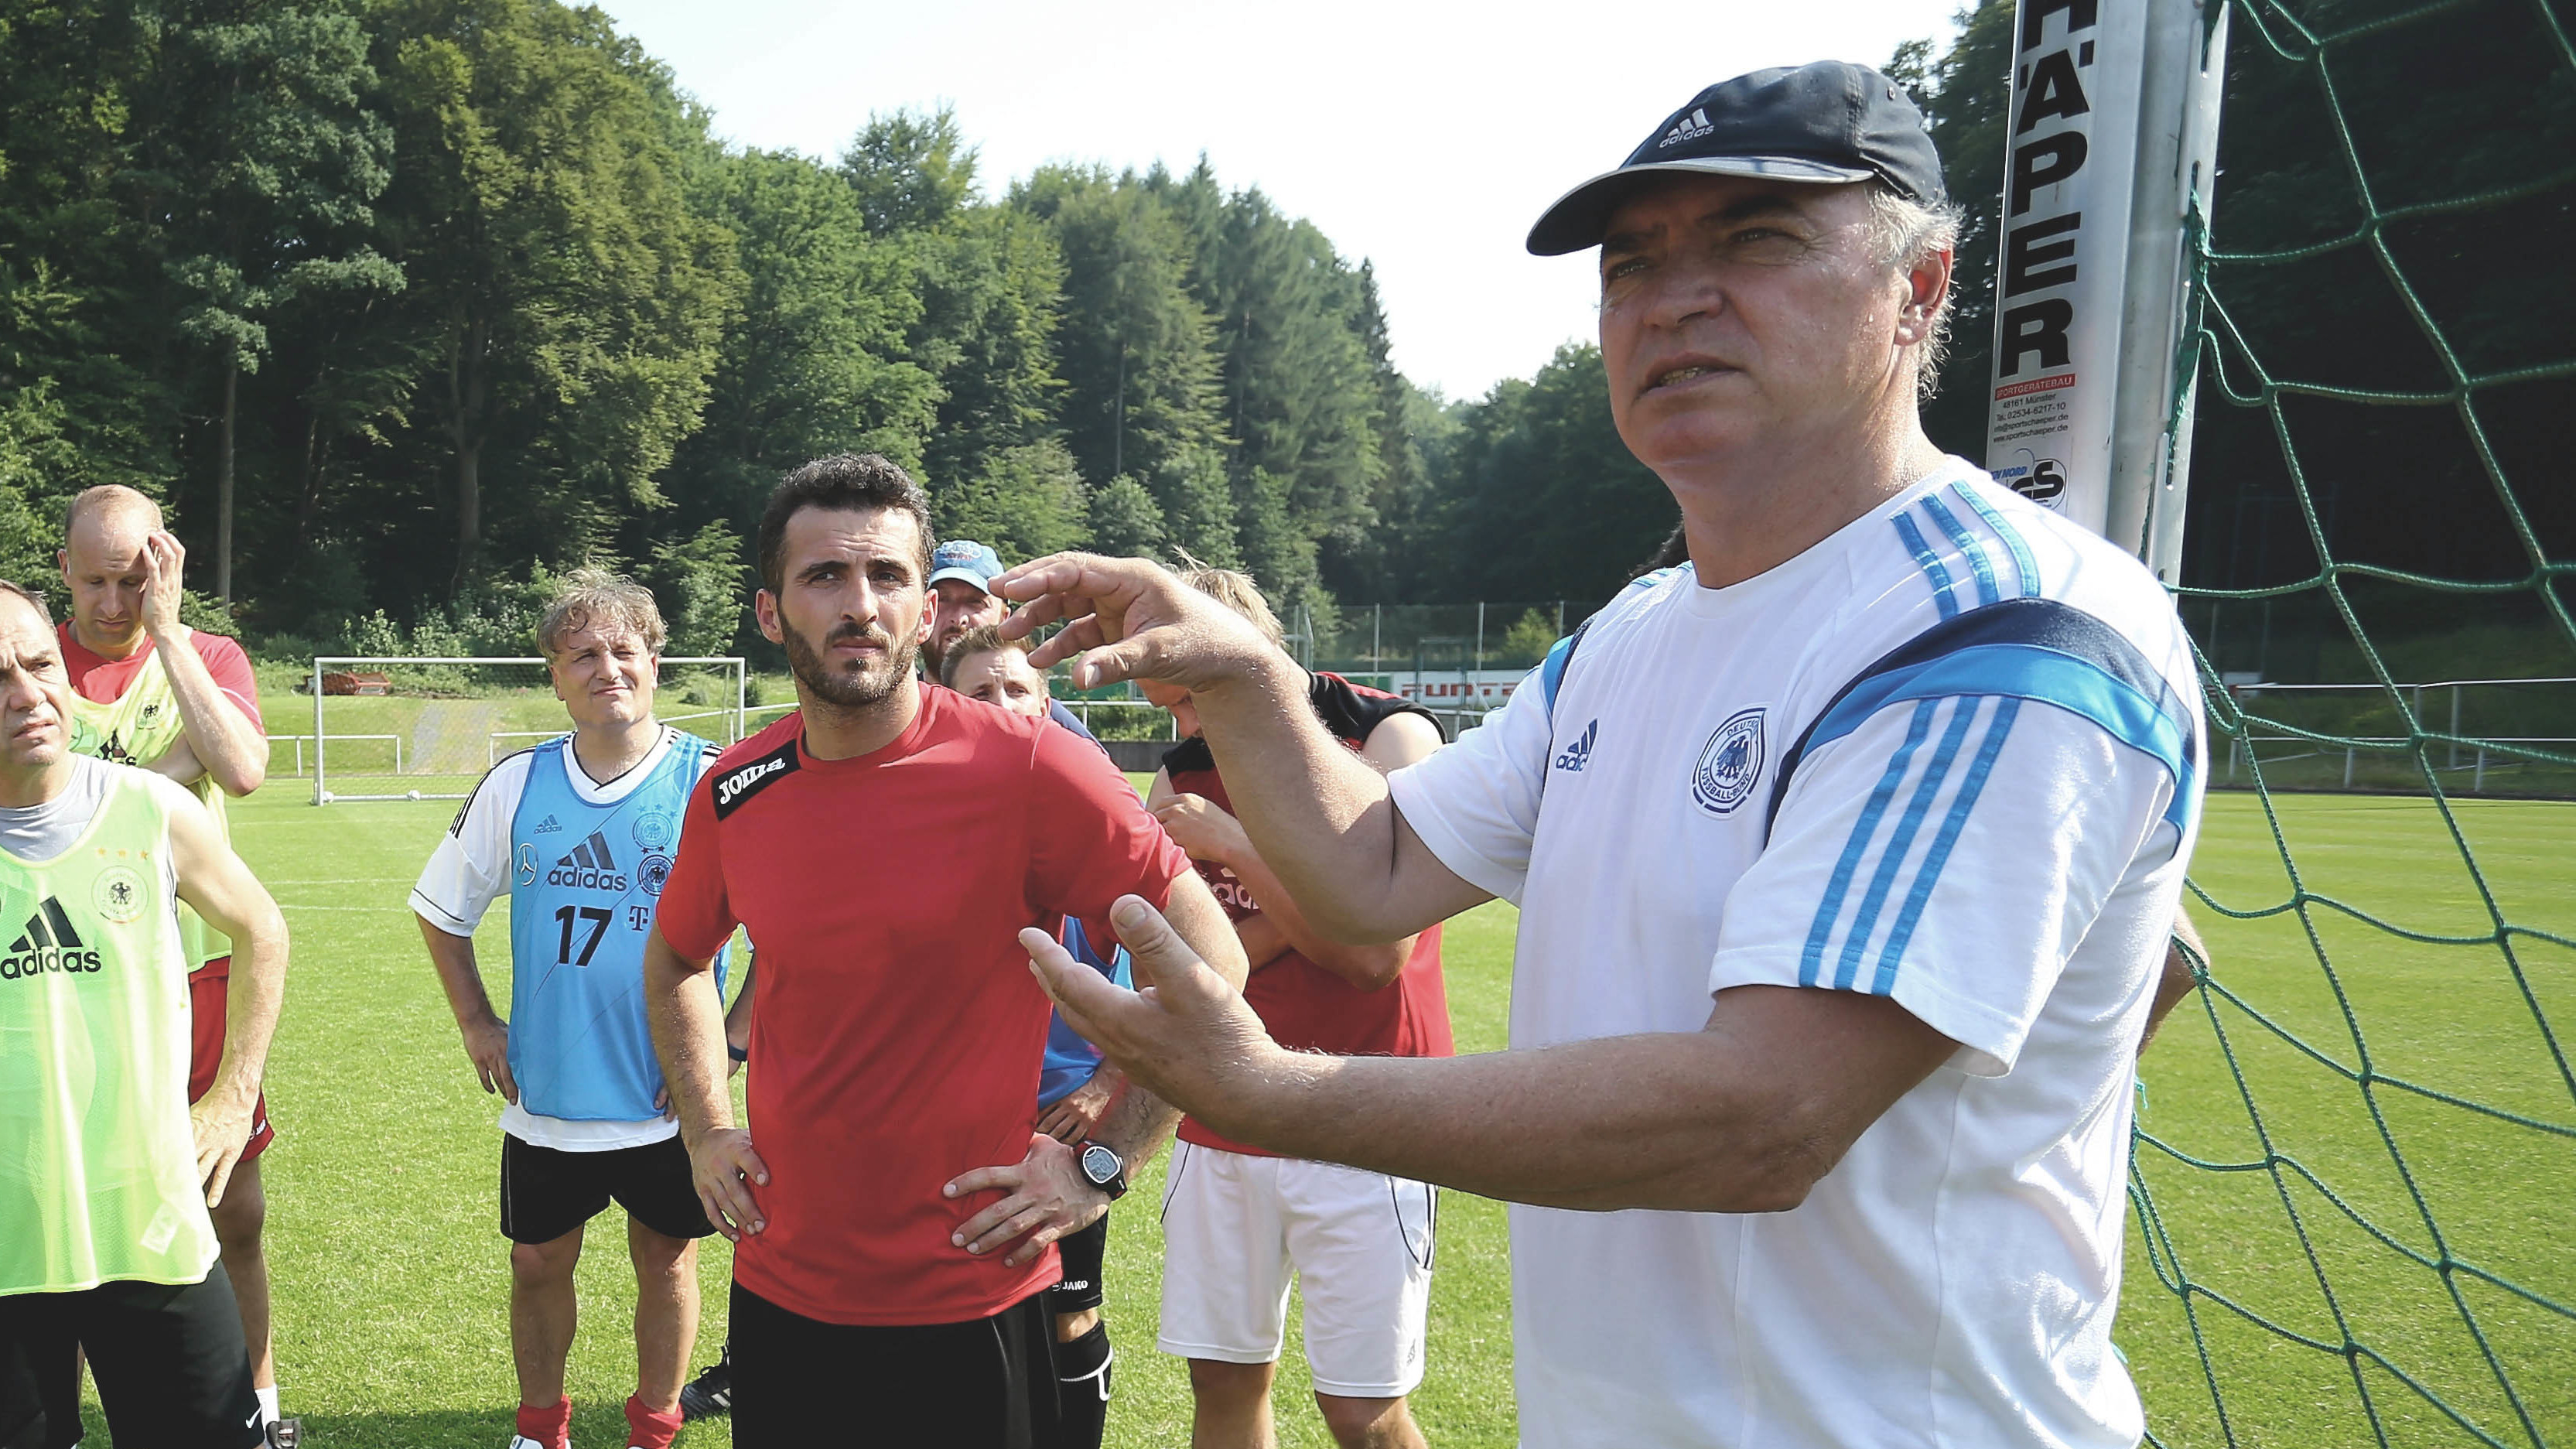 Jörg Daniel spricht zu Teilnehmern des DFB Youth Coach Congress.